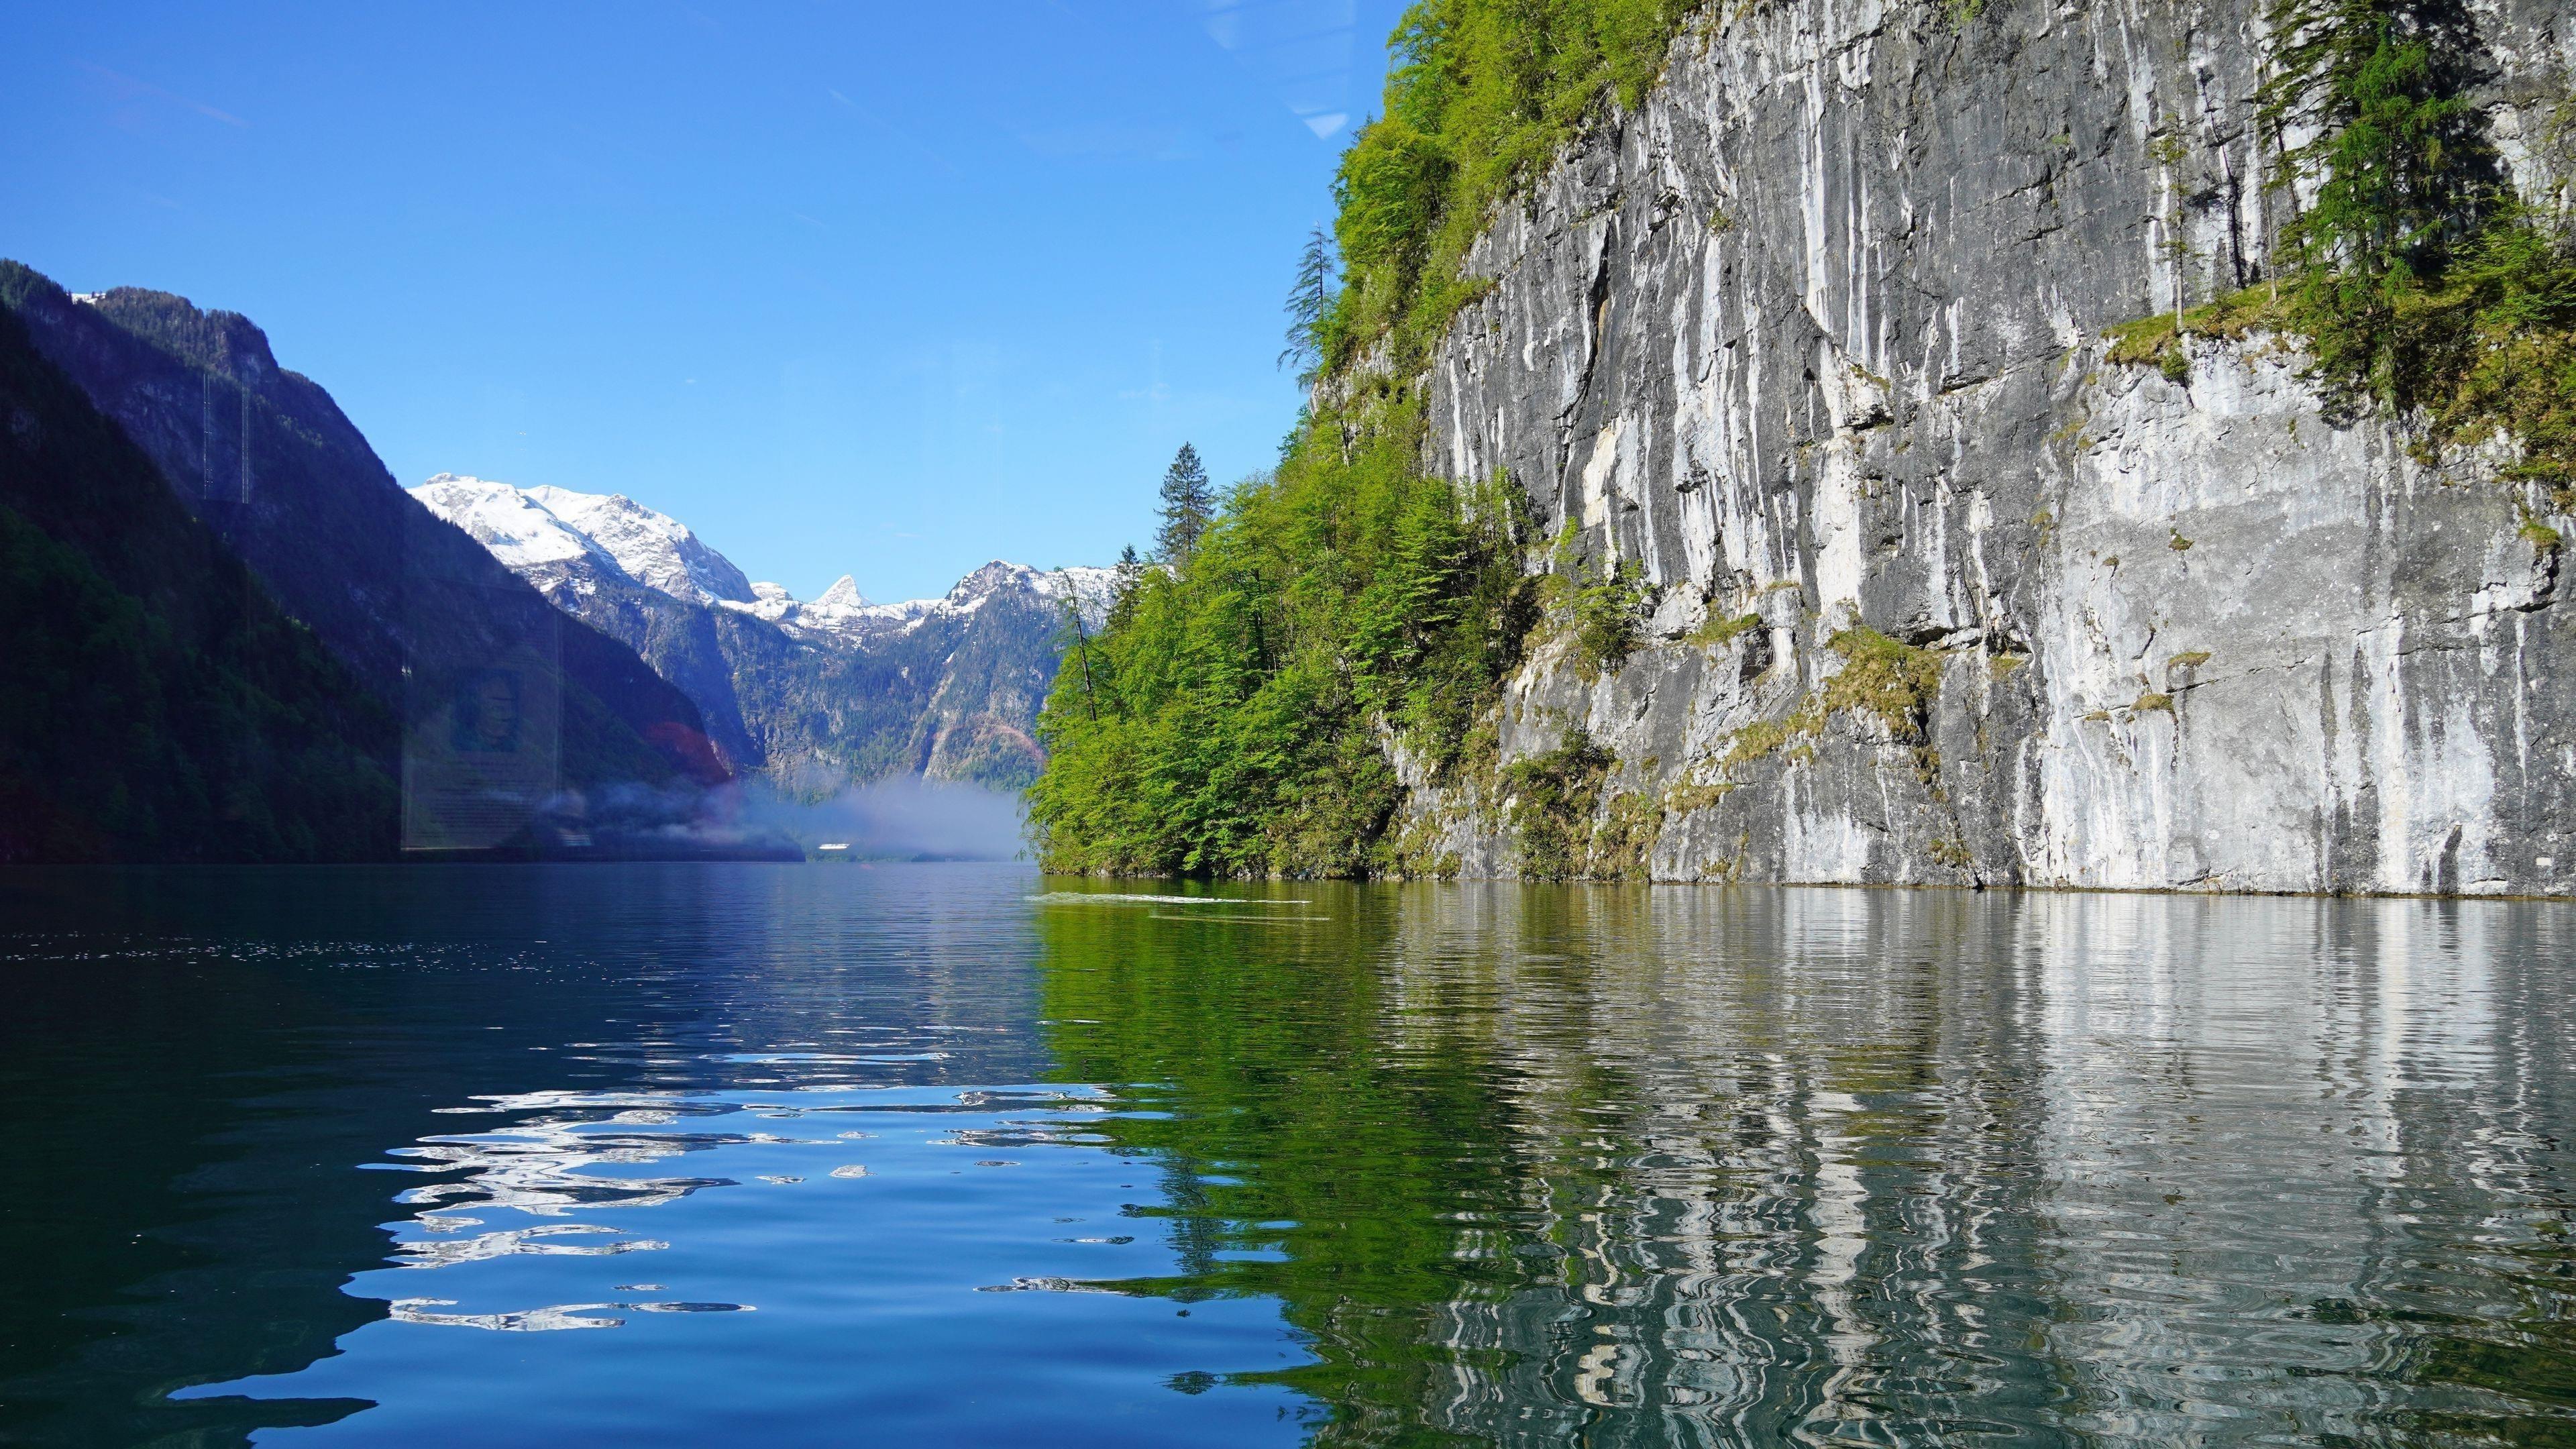 Белые скалы горы деревья отражение на фоне реки голубое небо природа обои скачать